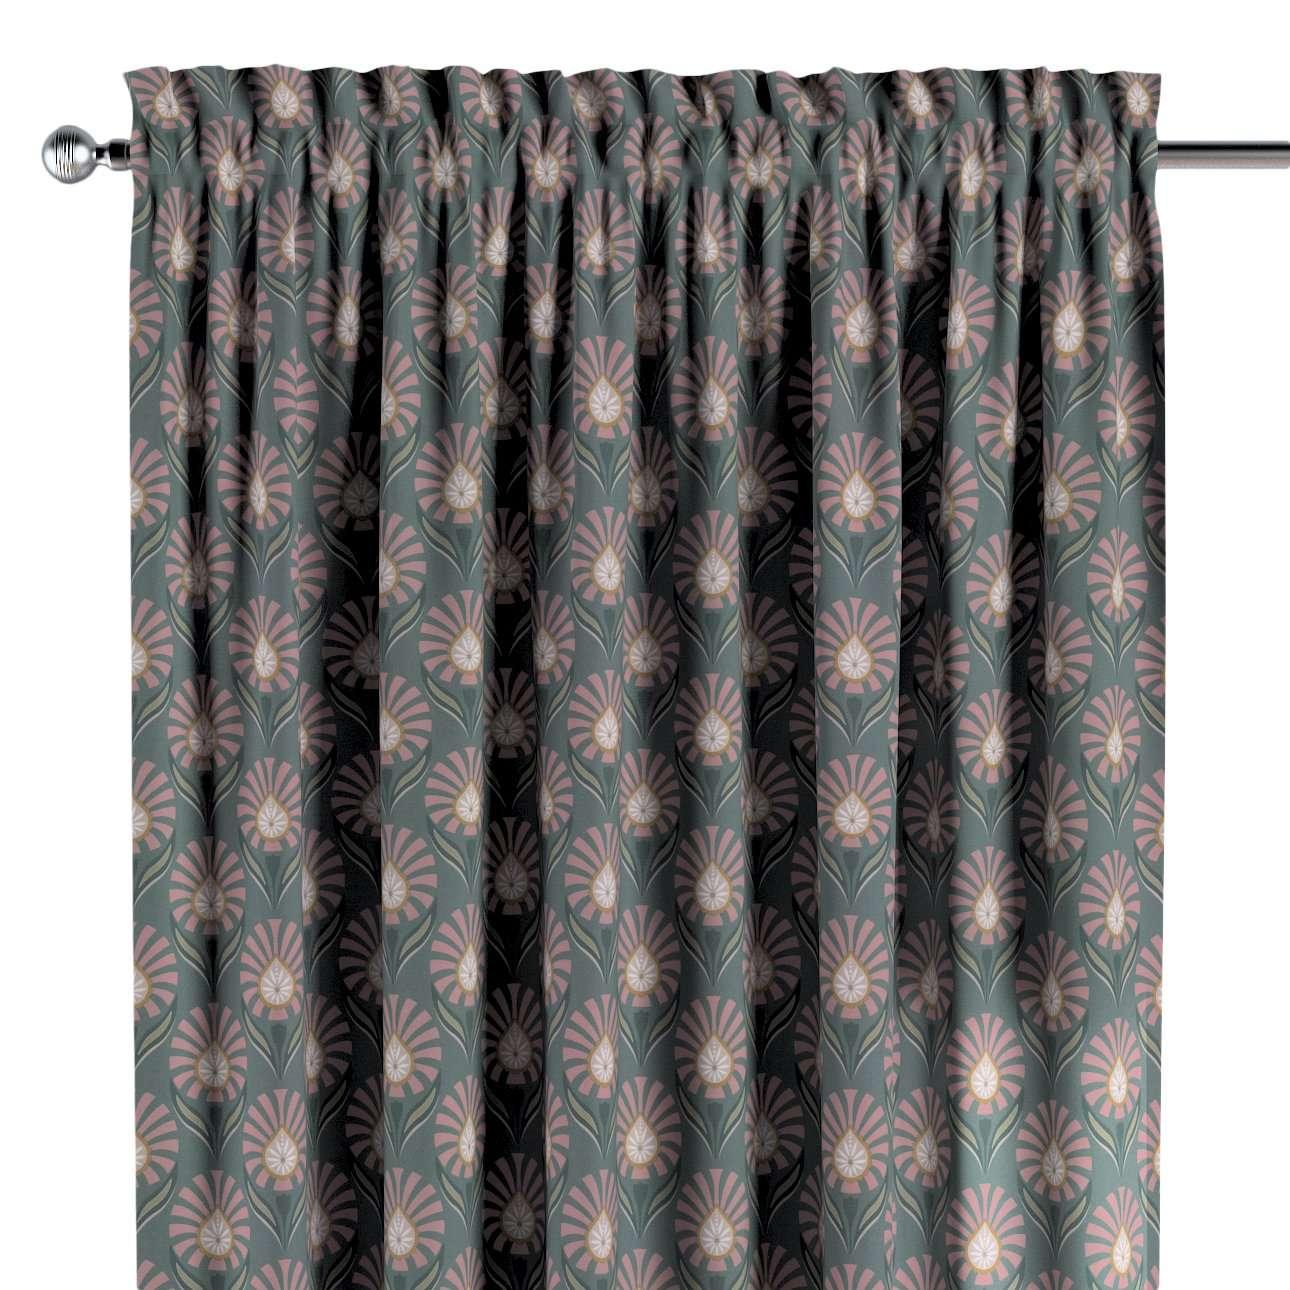 Zasłona na kanale z grzywką 1 szt. w kolekcji Gardenia, tkanina: 142-17